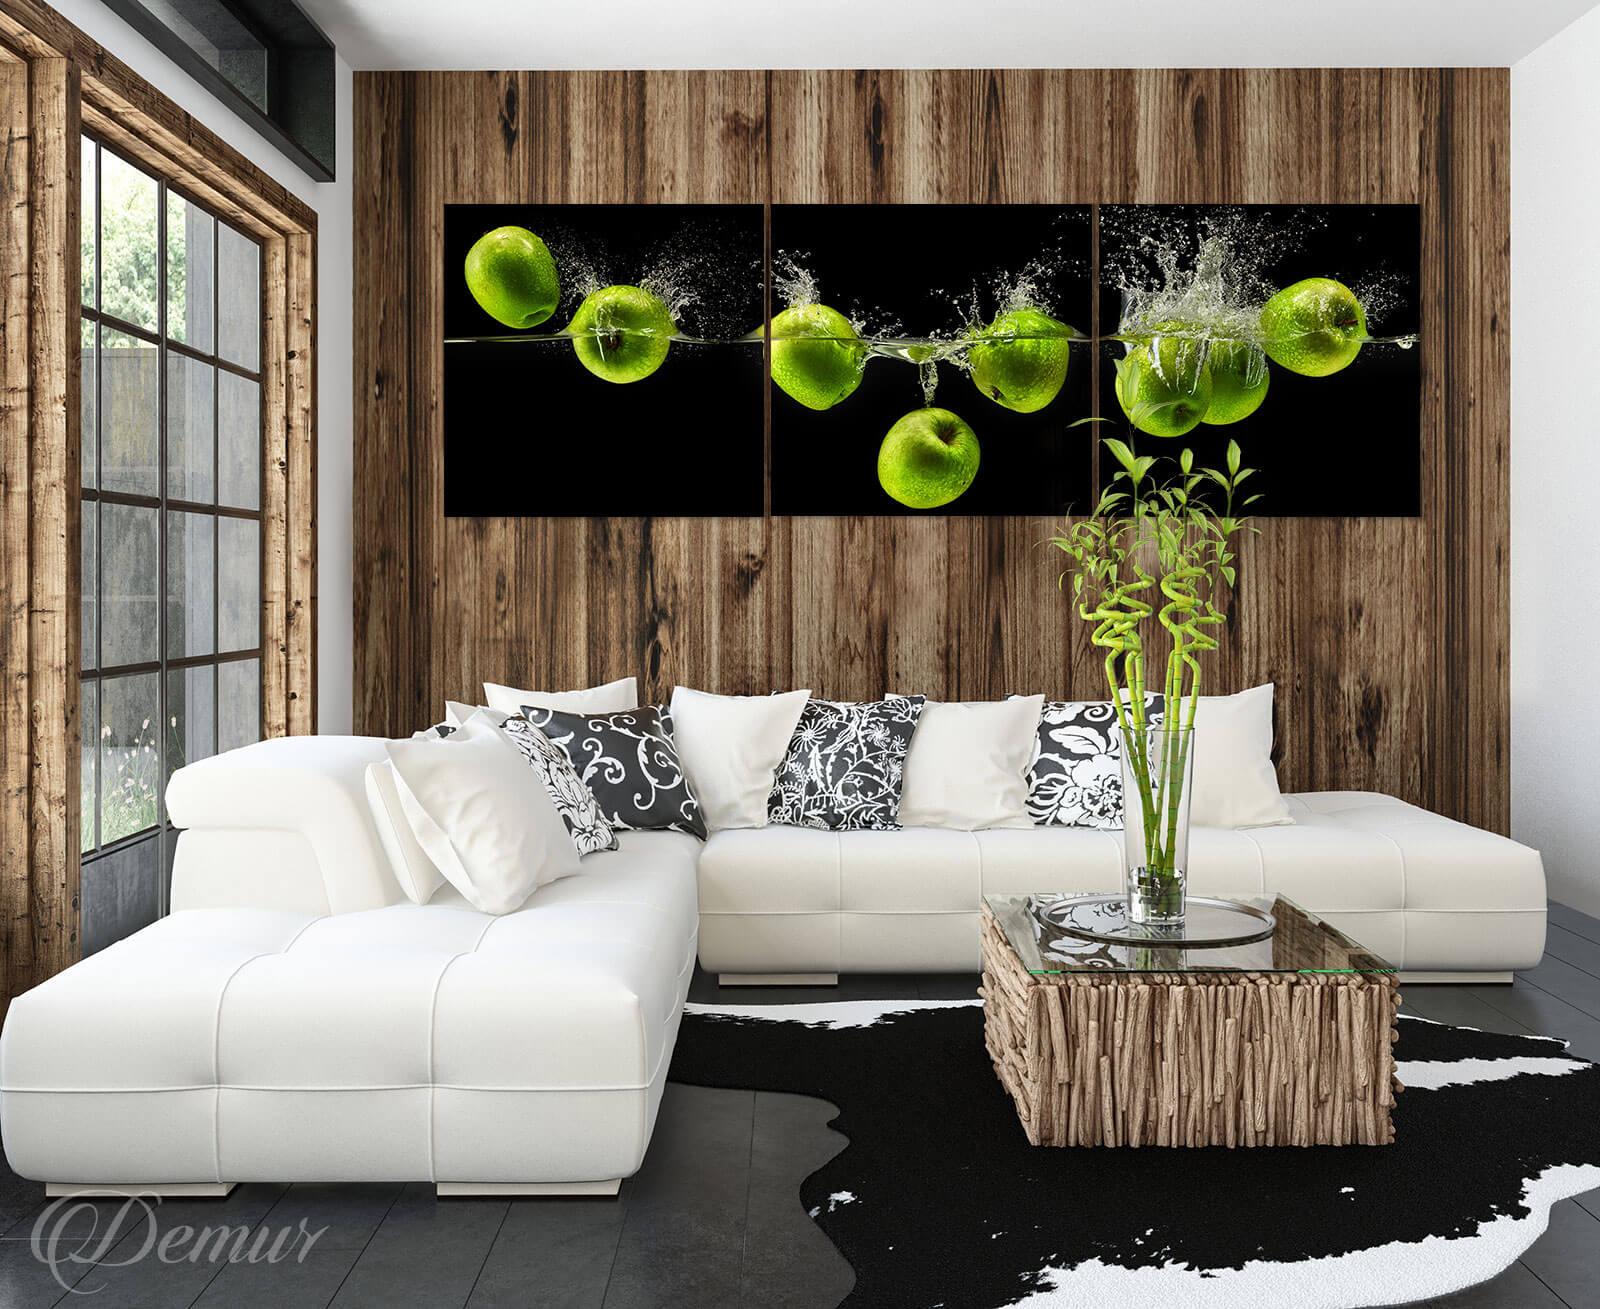 Obraz Jabłkowa zieleń - Obrazy Tryptyki do salonu - Demur